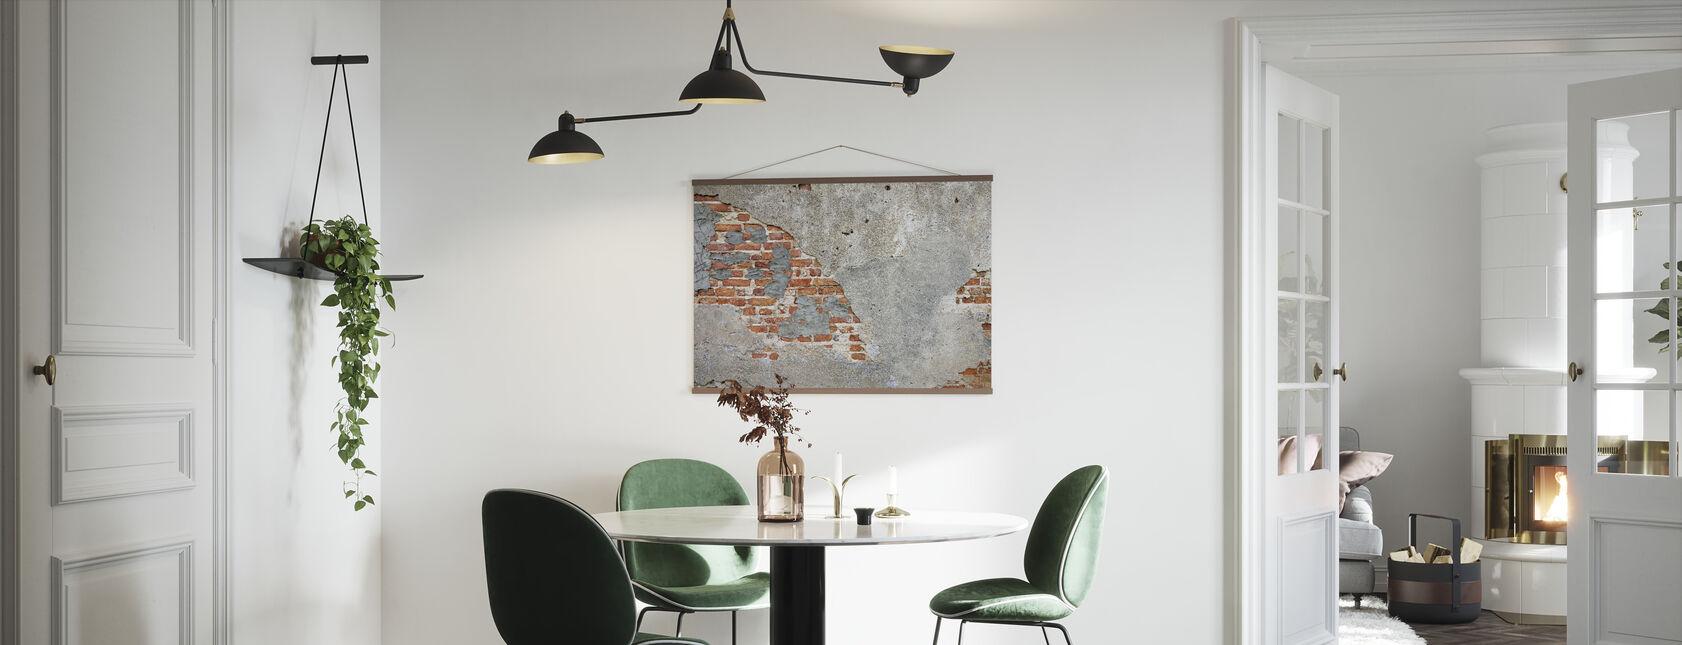 Bakstenen muur - Poster - Keuken